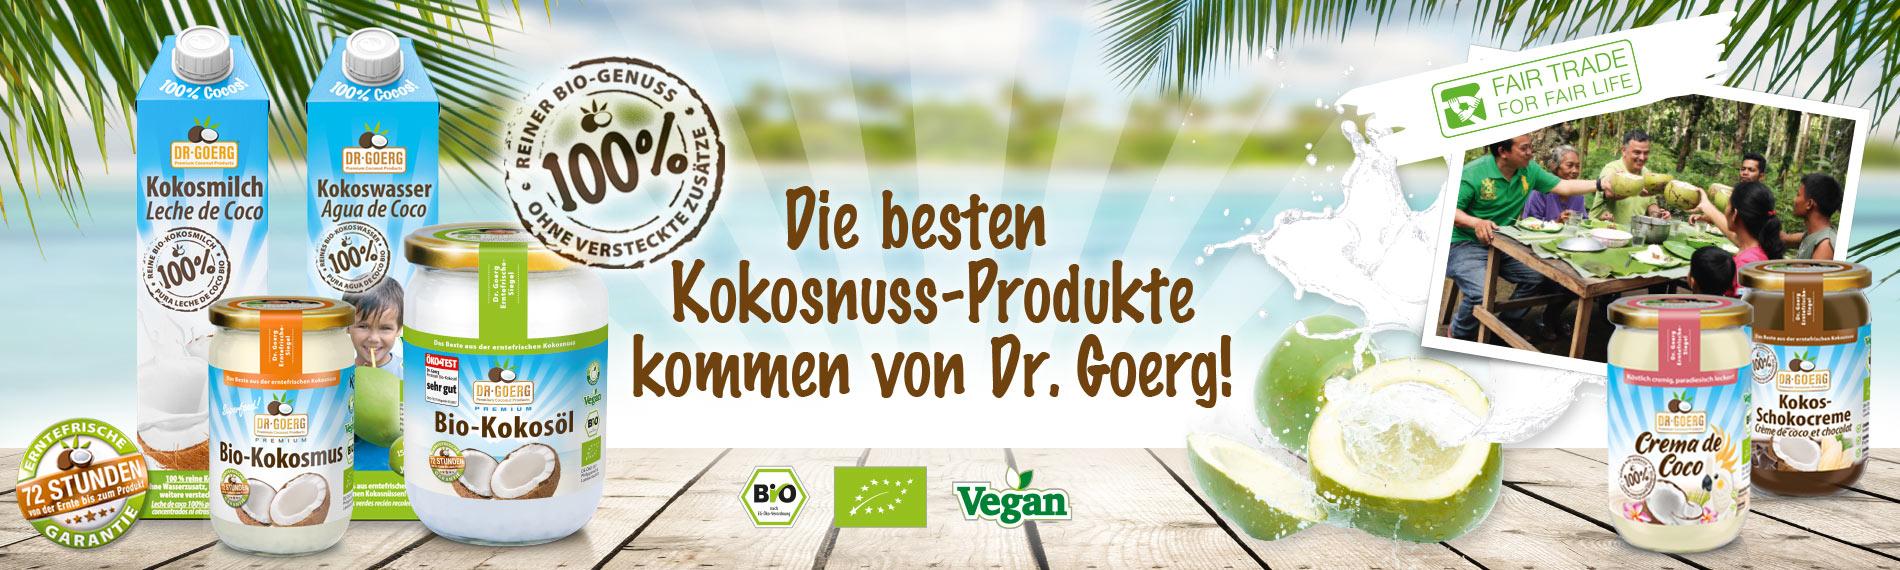 Die besten Kokosnuss-Produkte kommen von Dr.Goerg!